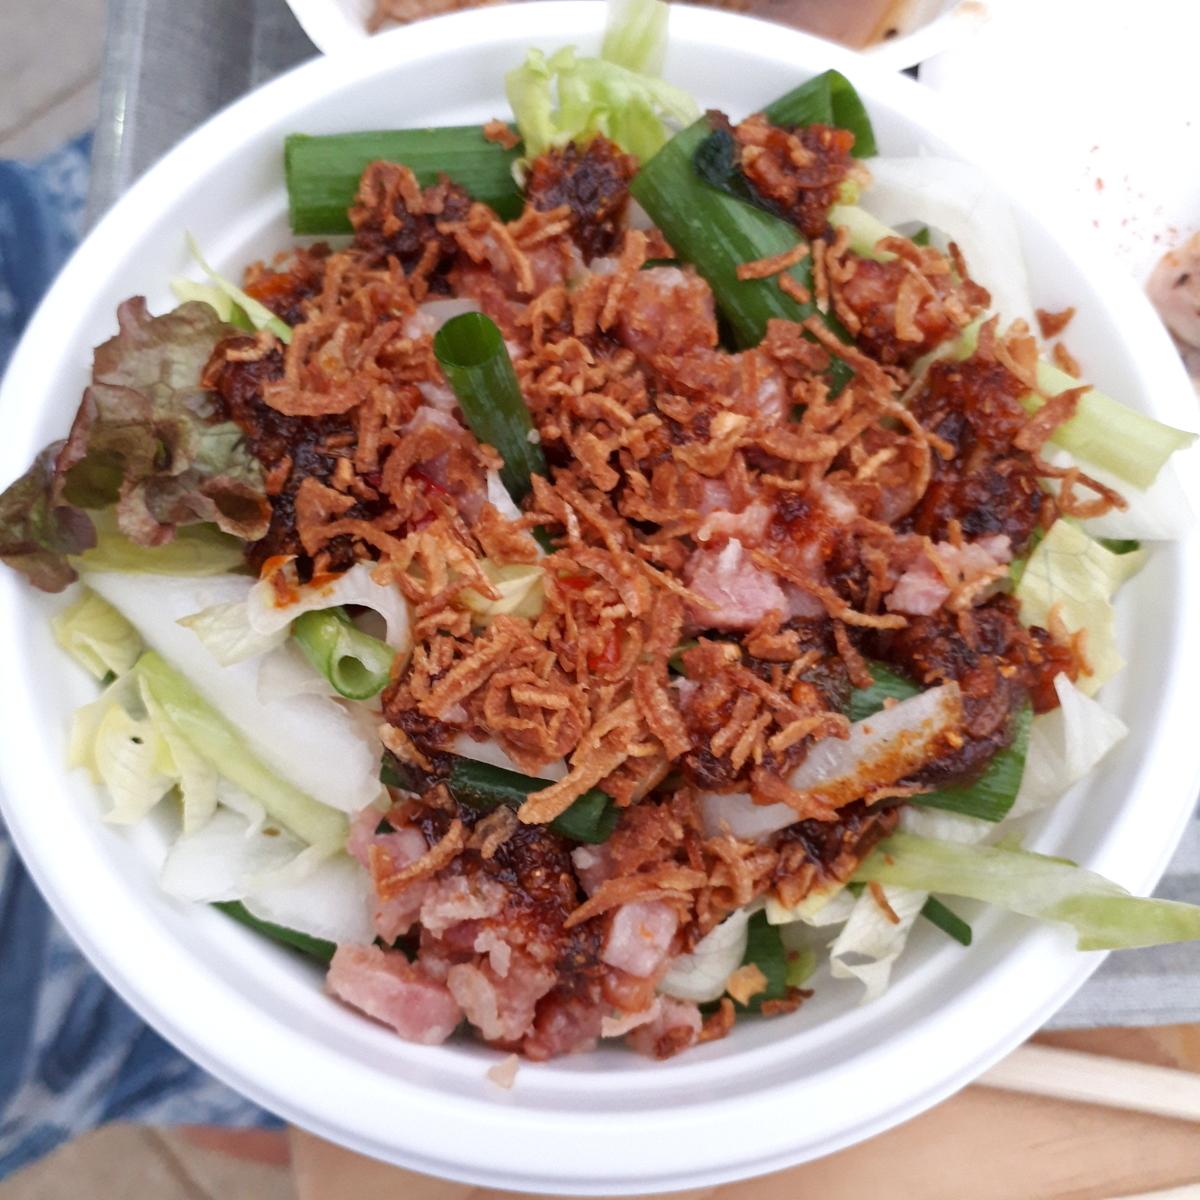 カレー事情聴取スパイス定食&バルVol.6 2019年7月21日 piwang タイ風スパイシーソーセージ香味サラダ